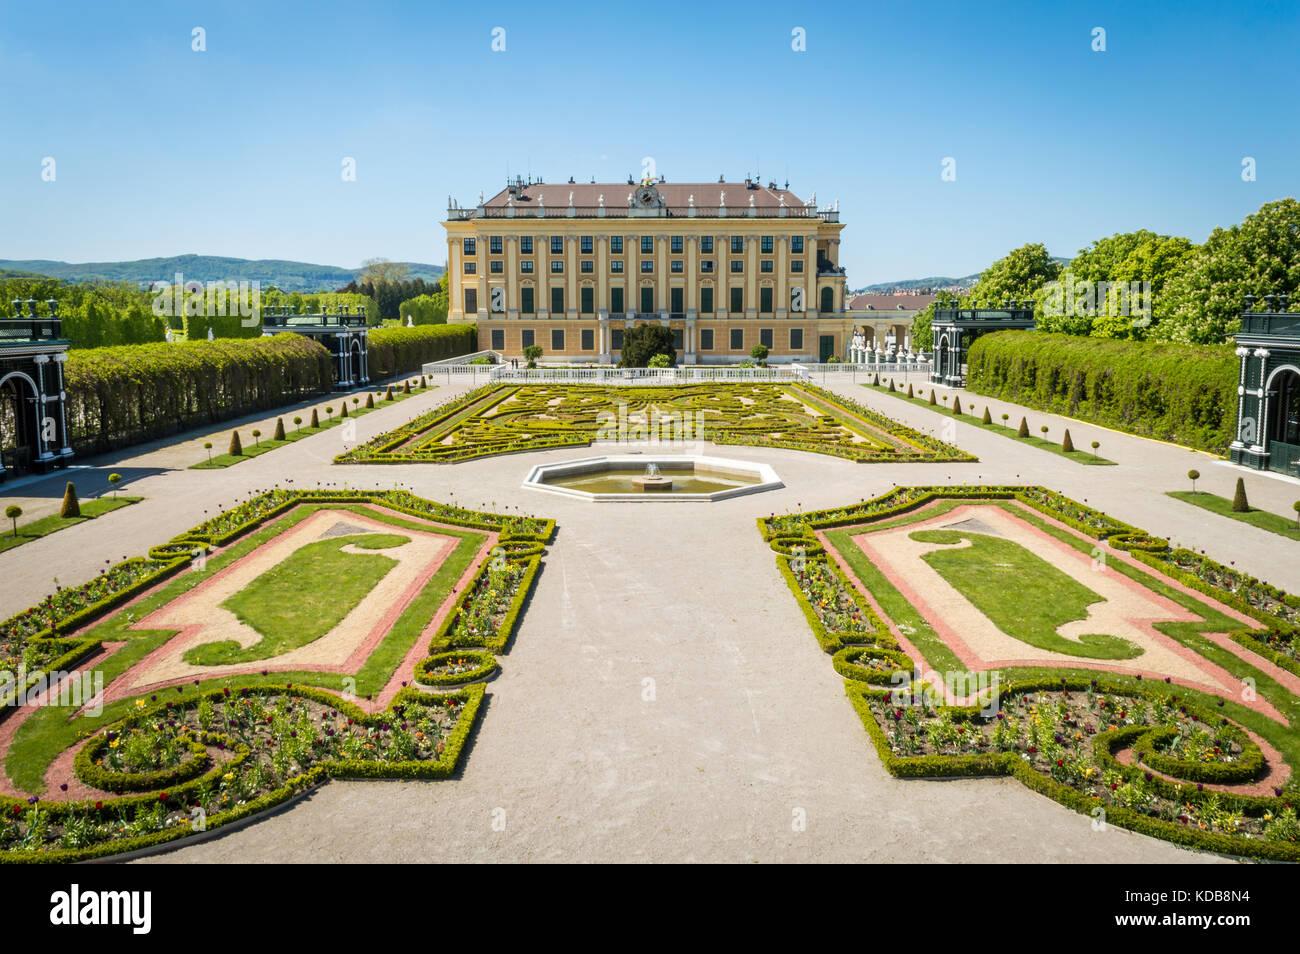 Vue sur le jardin privé à le palais de Schönbrunn à Vienne, Autriche. Photo Stock